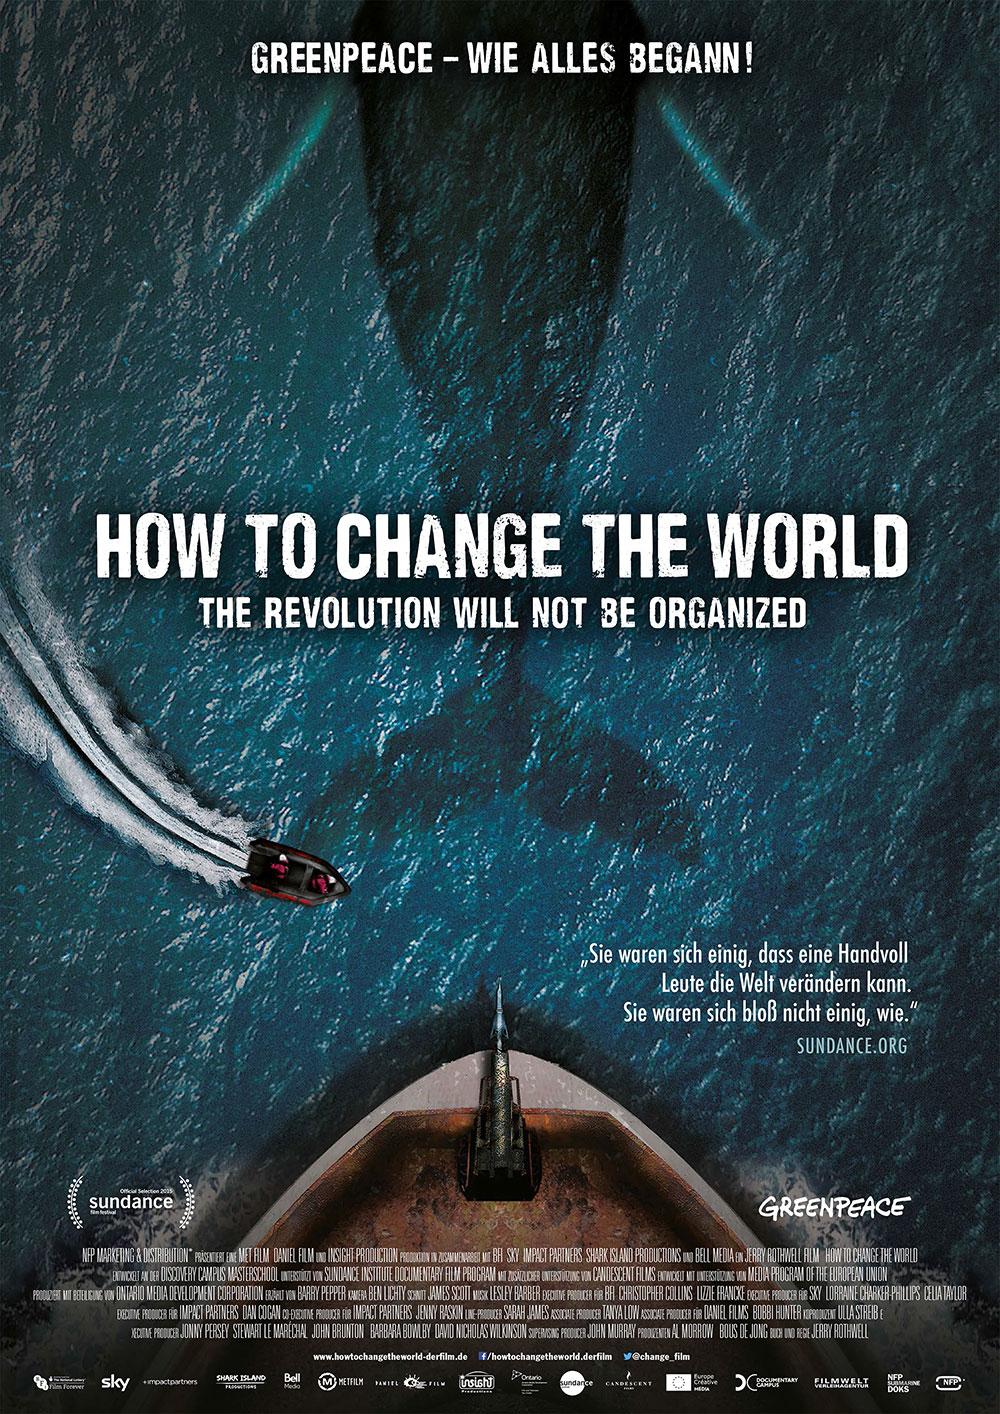 HOW TO CHANGE THE WORLD  – Ein Film über Greenpeace – wie alles begann  – jetzt in der Gemeindebücherei Pöcking